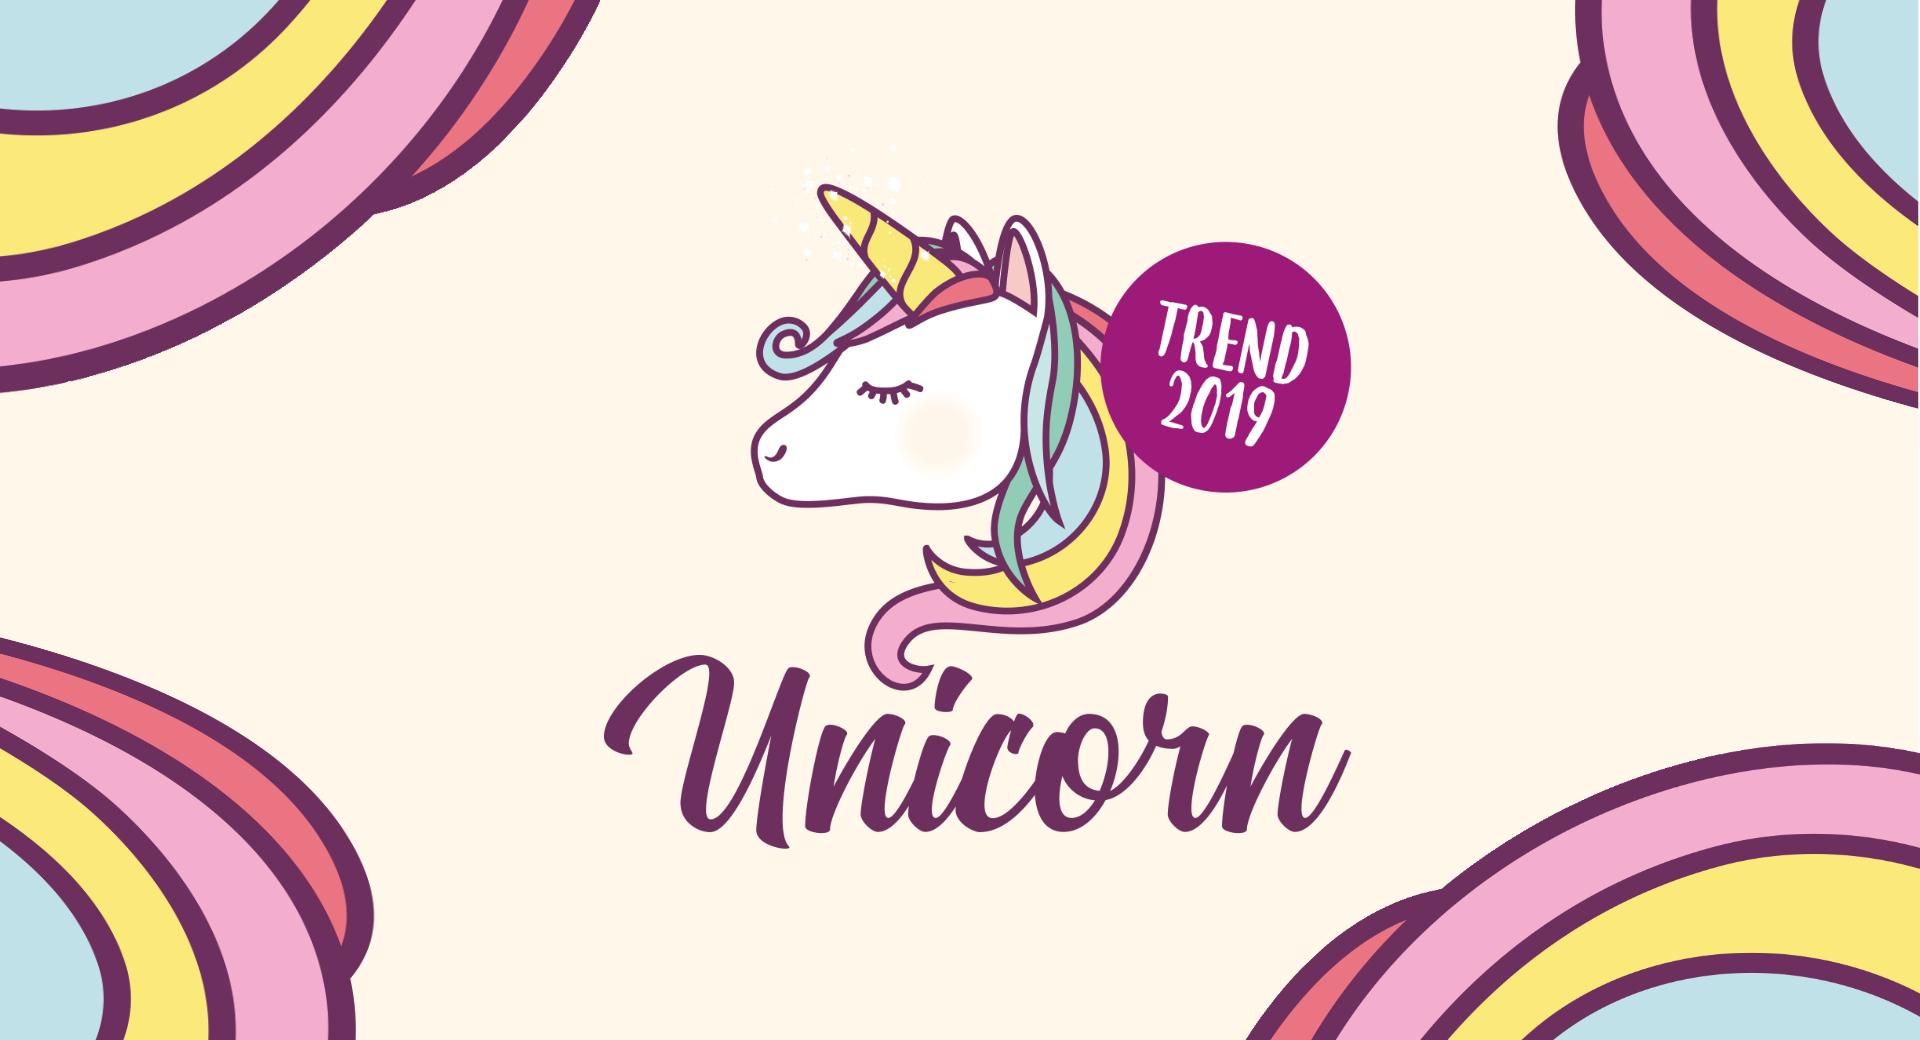 Unicorn di Rubicone per far sognare in gelateria i bambini ed i più grandicelli.